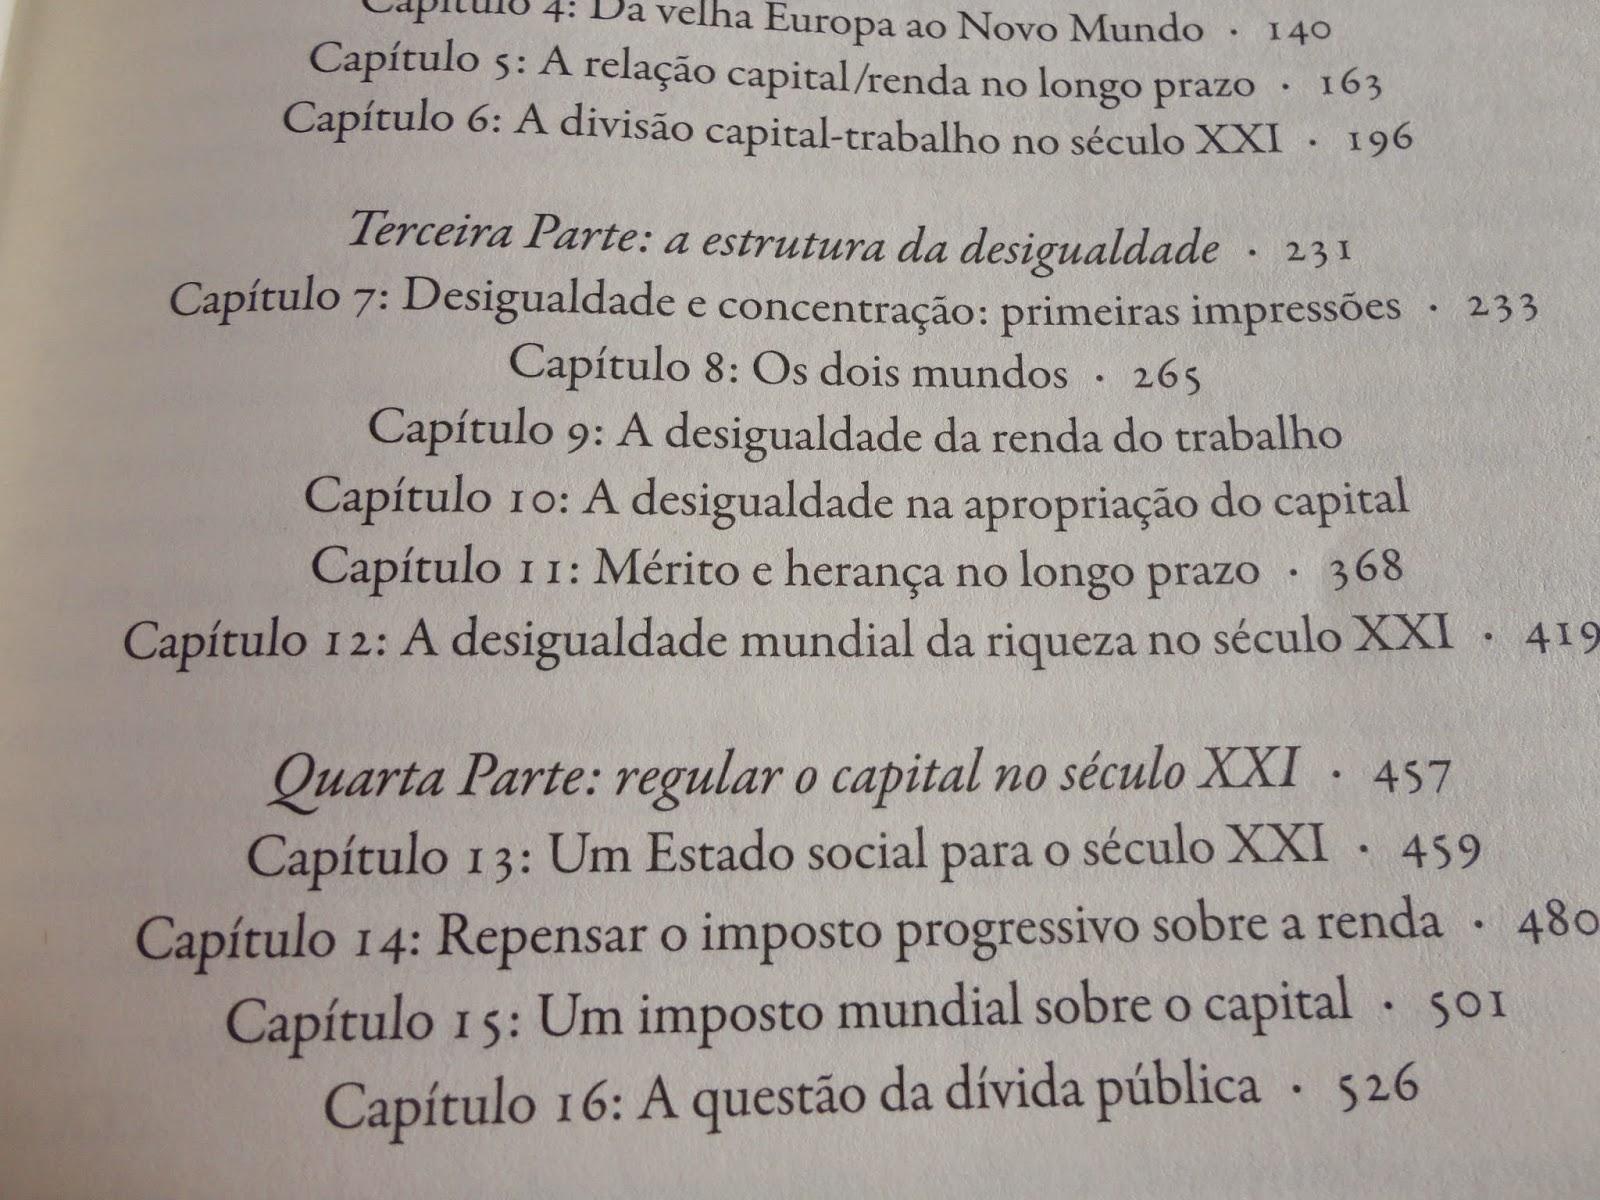 blog do pedro eloi : O Capital no século XXI. Thomas Piketty.